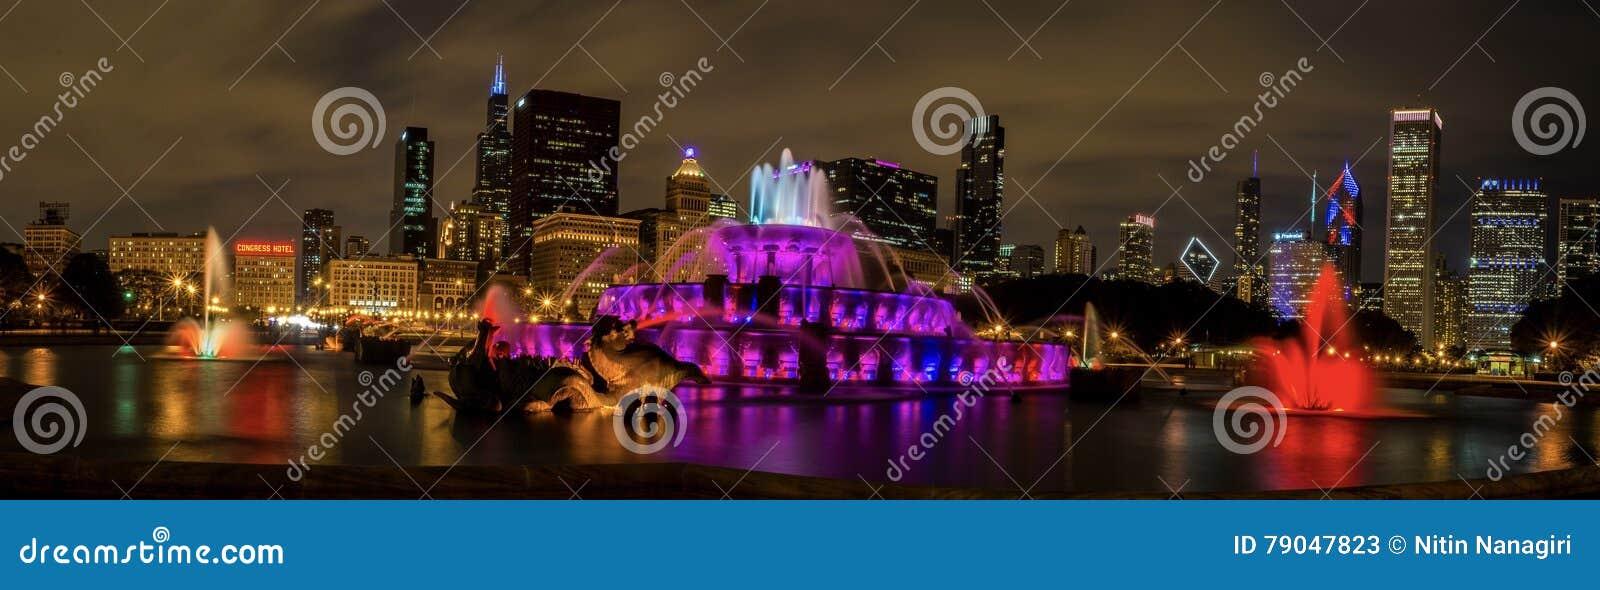 白金汉喷泉在街市芝加哥